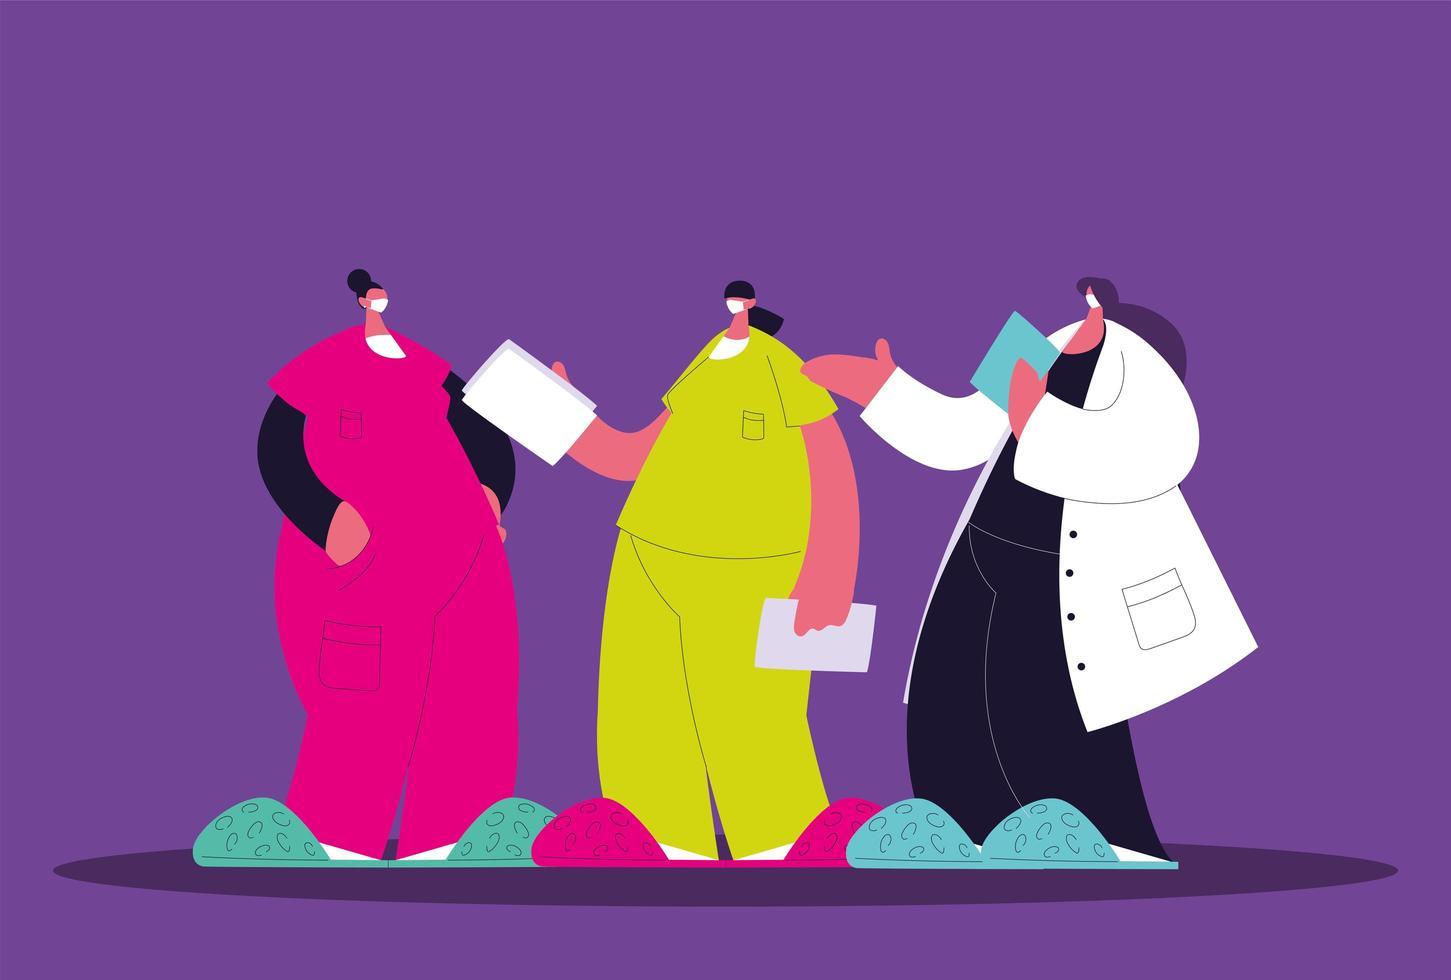 kvinnliga läkare står. medicinskt team vektor